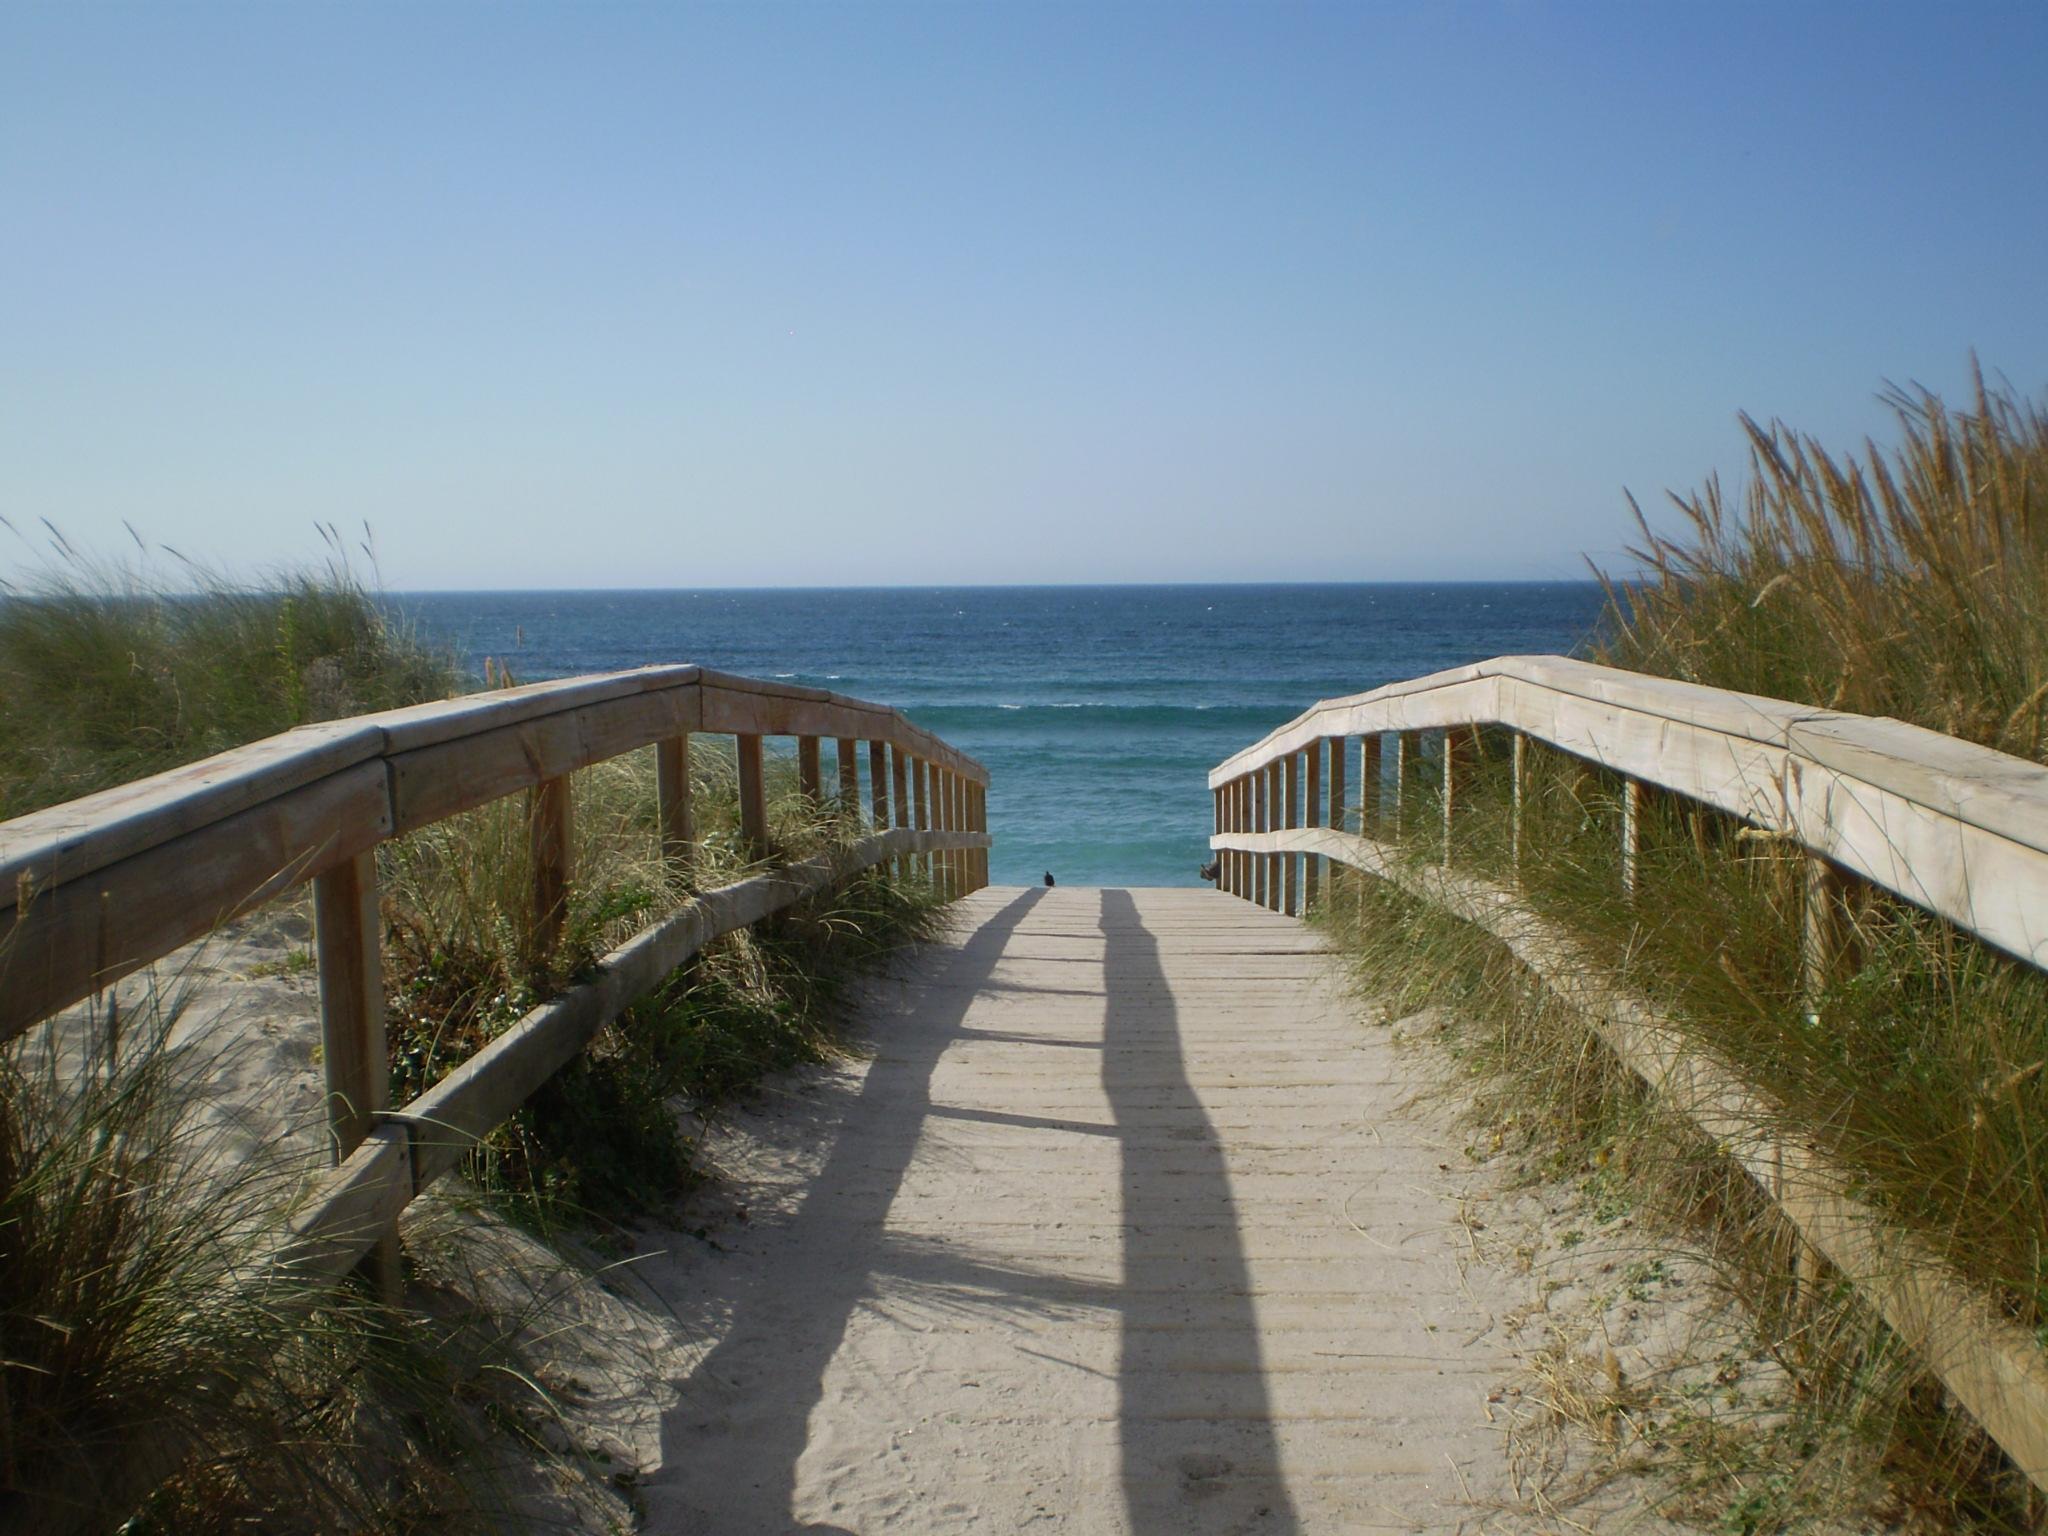 Playa Soesto